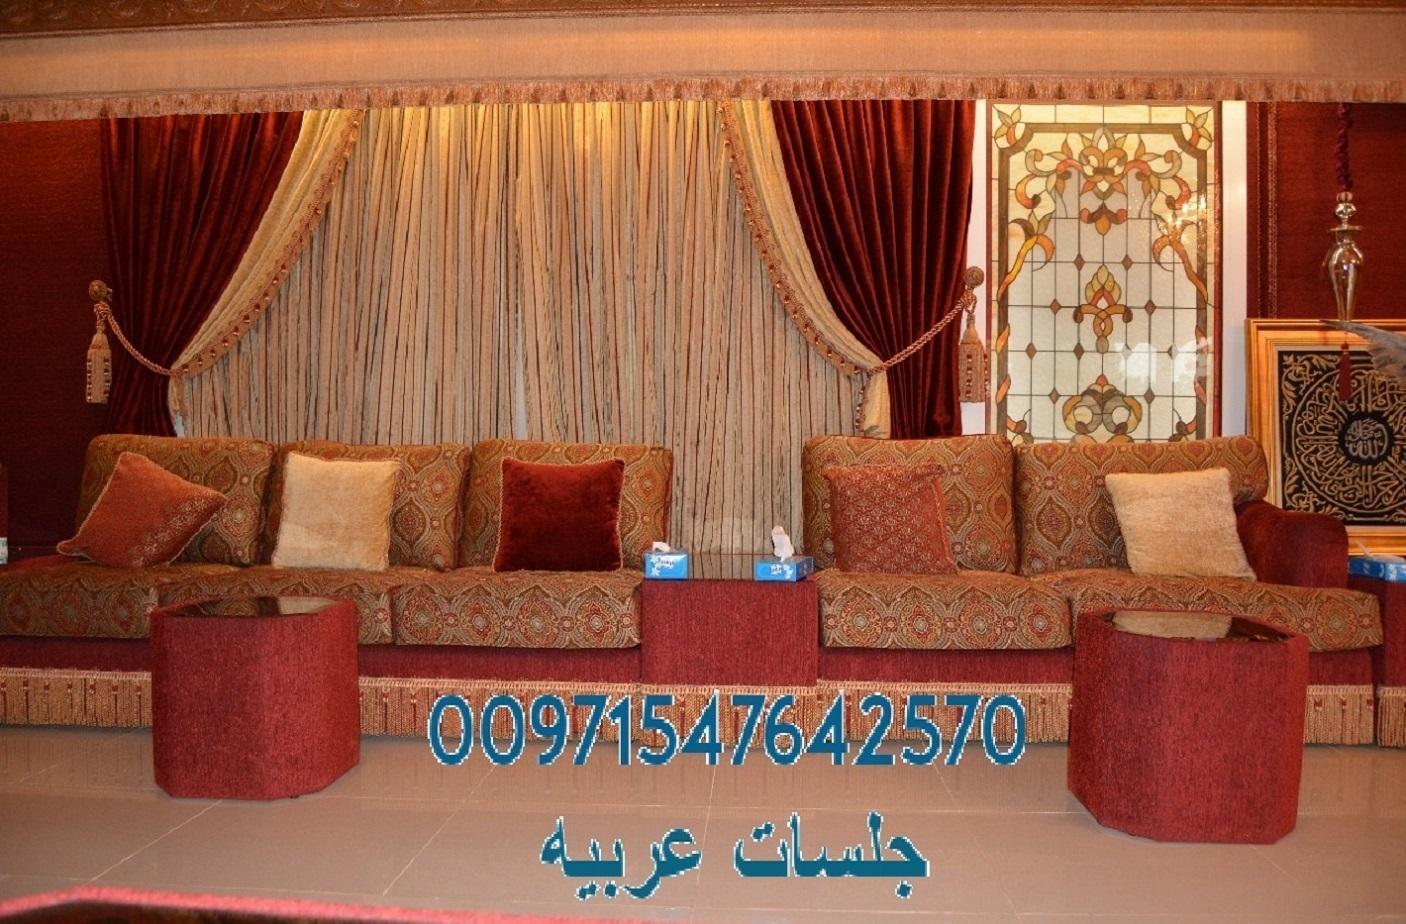 شركات خيام في الإمارات 00971547642570 889337590